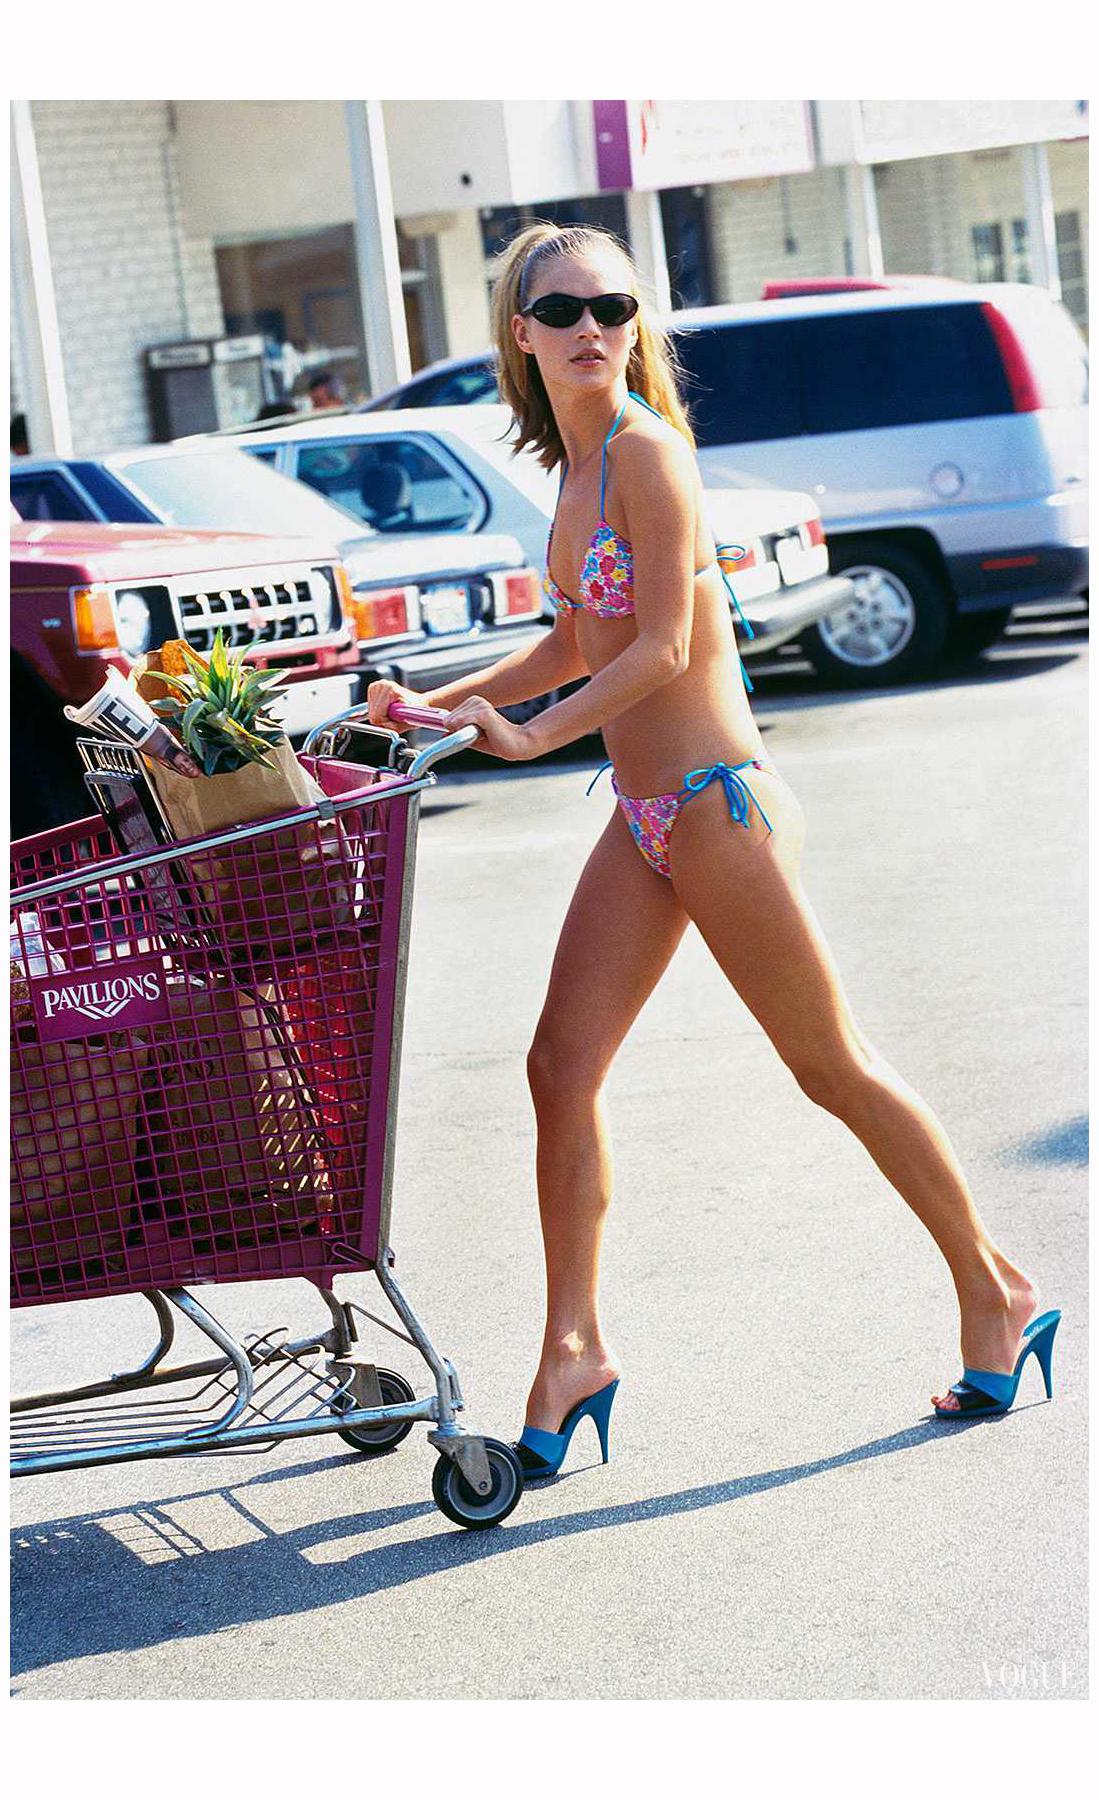 Kate Moss Vogue, April 1995 | © Pleasurephoto